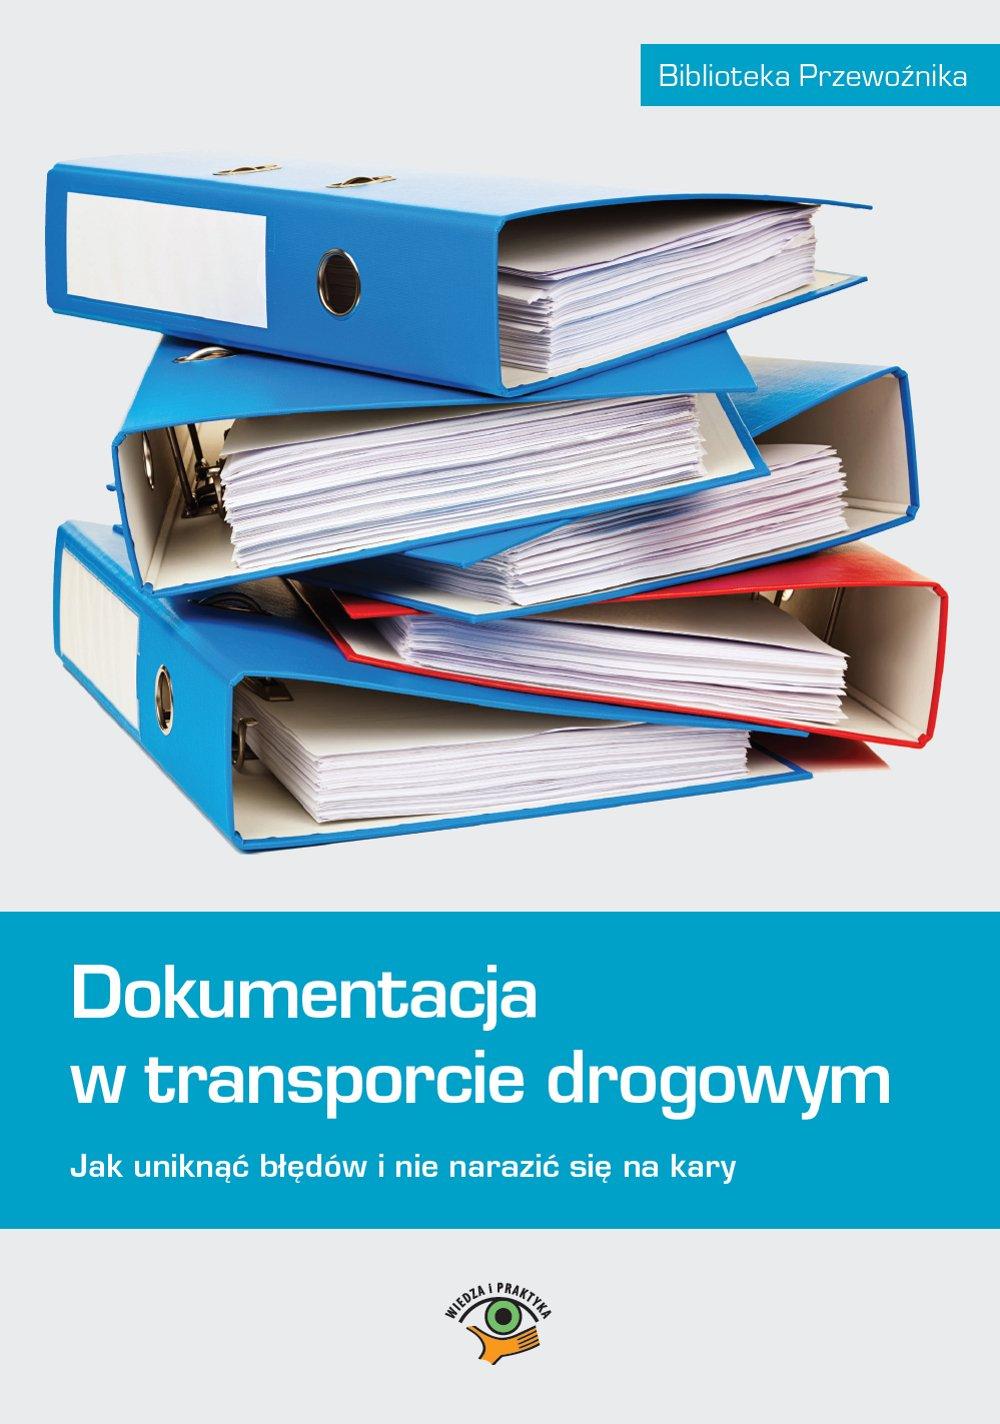 Dokumentacja w transporcie drogowym. Jak uniknąć błędów i nie narazić się na kary - Ebook (Książka EPUB) do pobrania w formacie EPUB